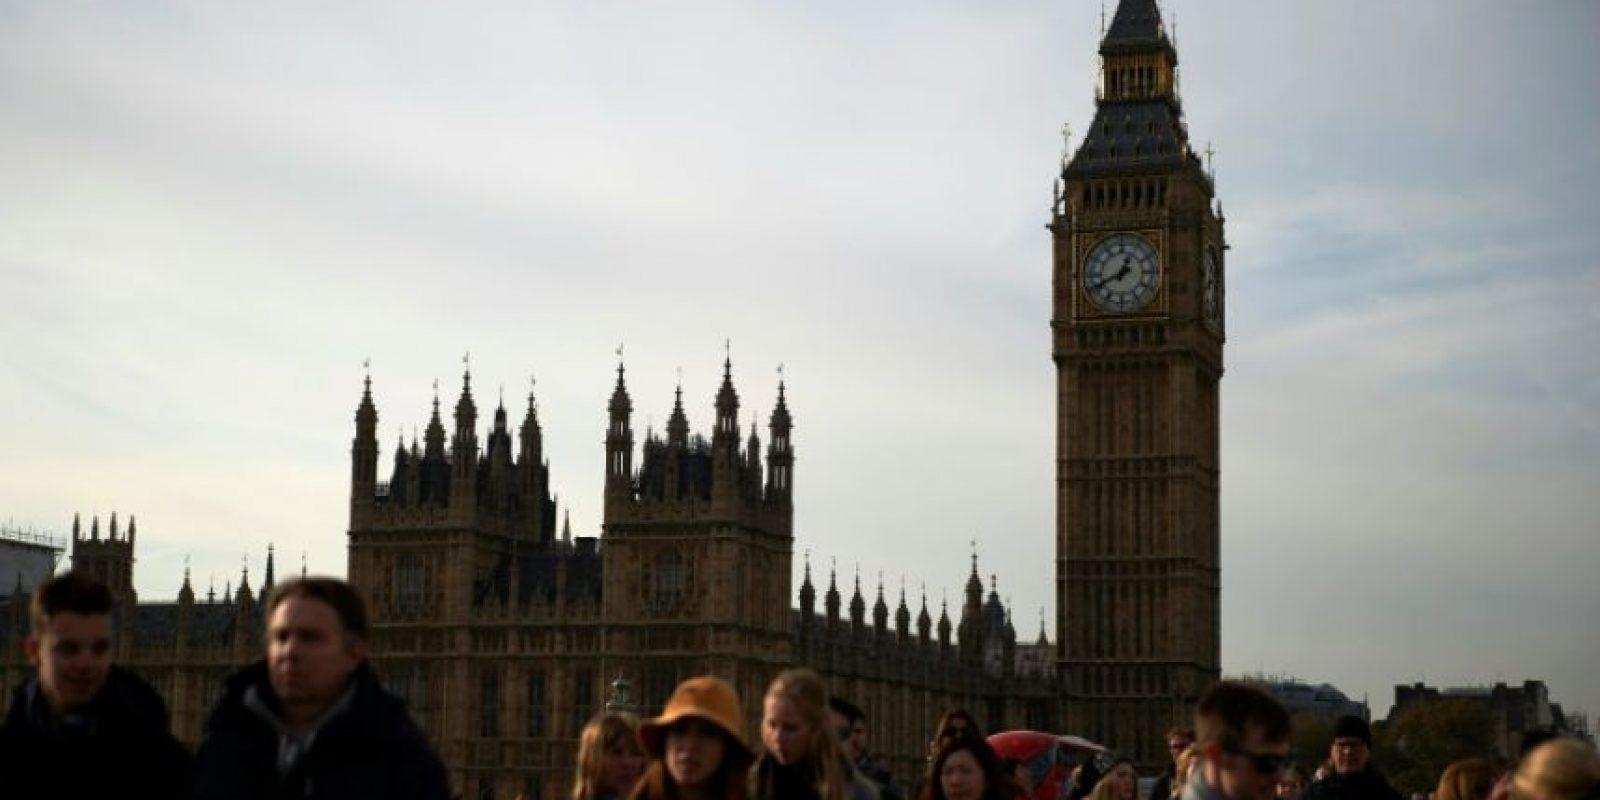 Una imagen del Parlamento británico, con la célebre torre del reloj Big Ben, tomada el pasado 3 de noviembre en Londres Foto:Niklas Halle'n/afp.com